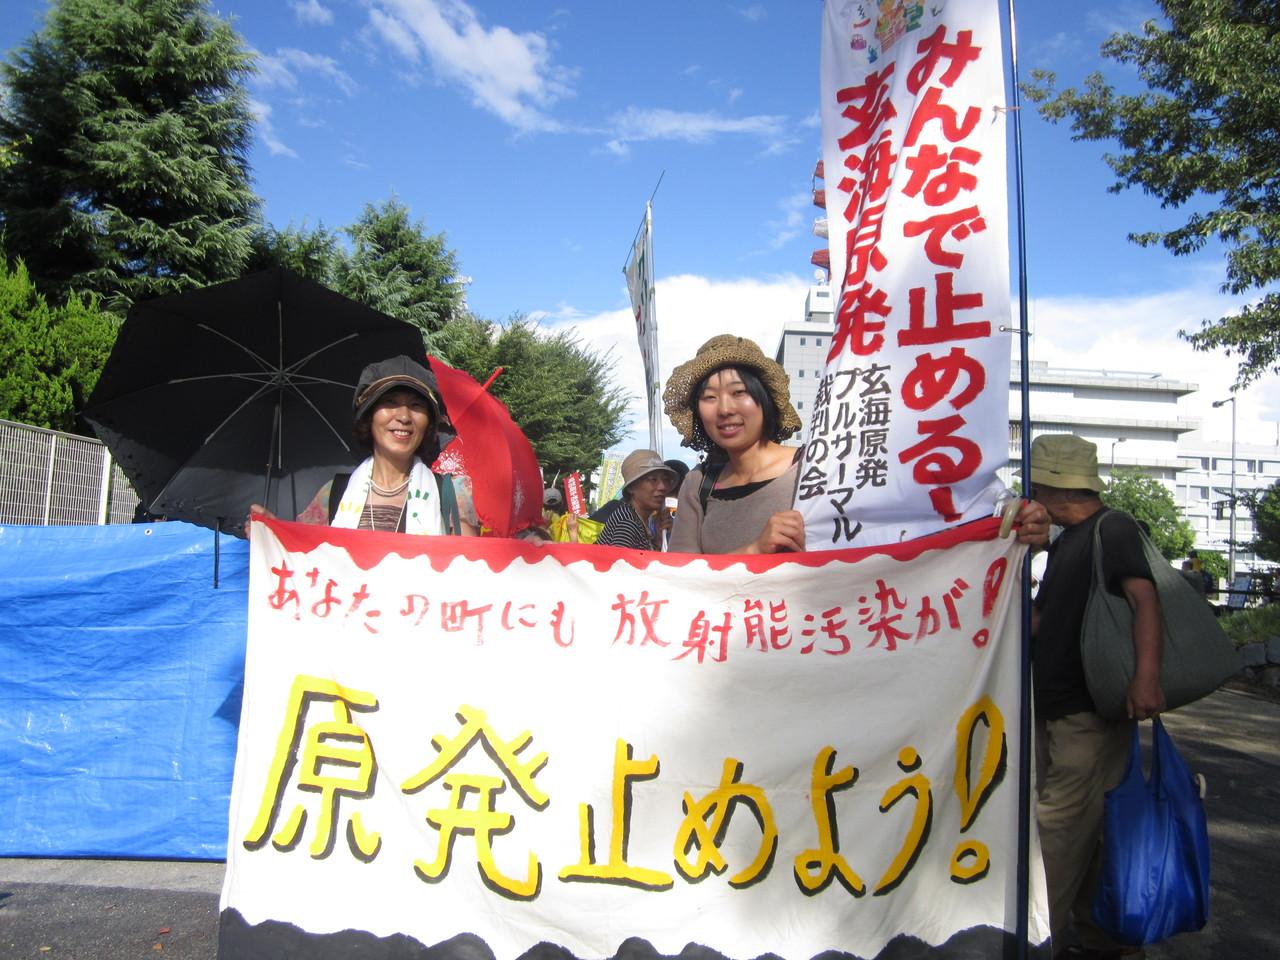 2012.8.19 伊方原発止めよう集会